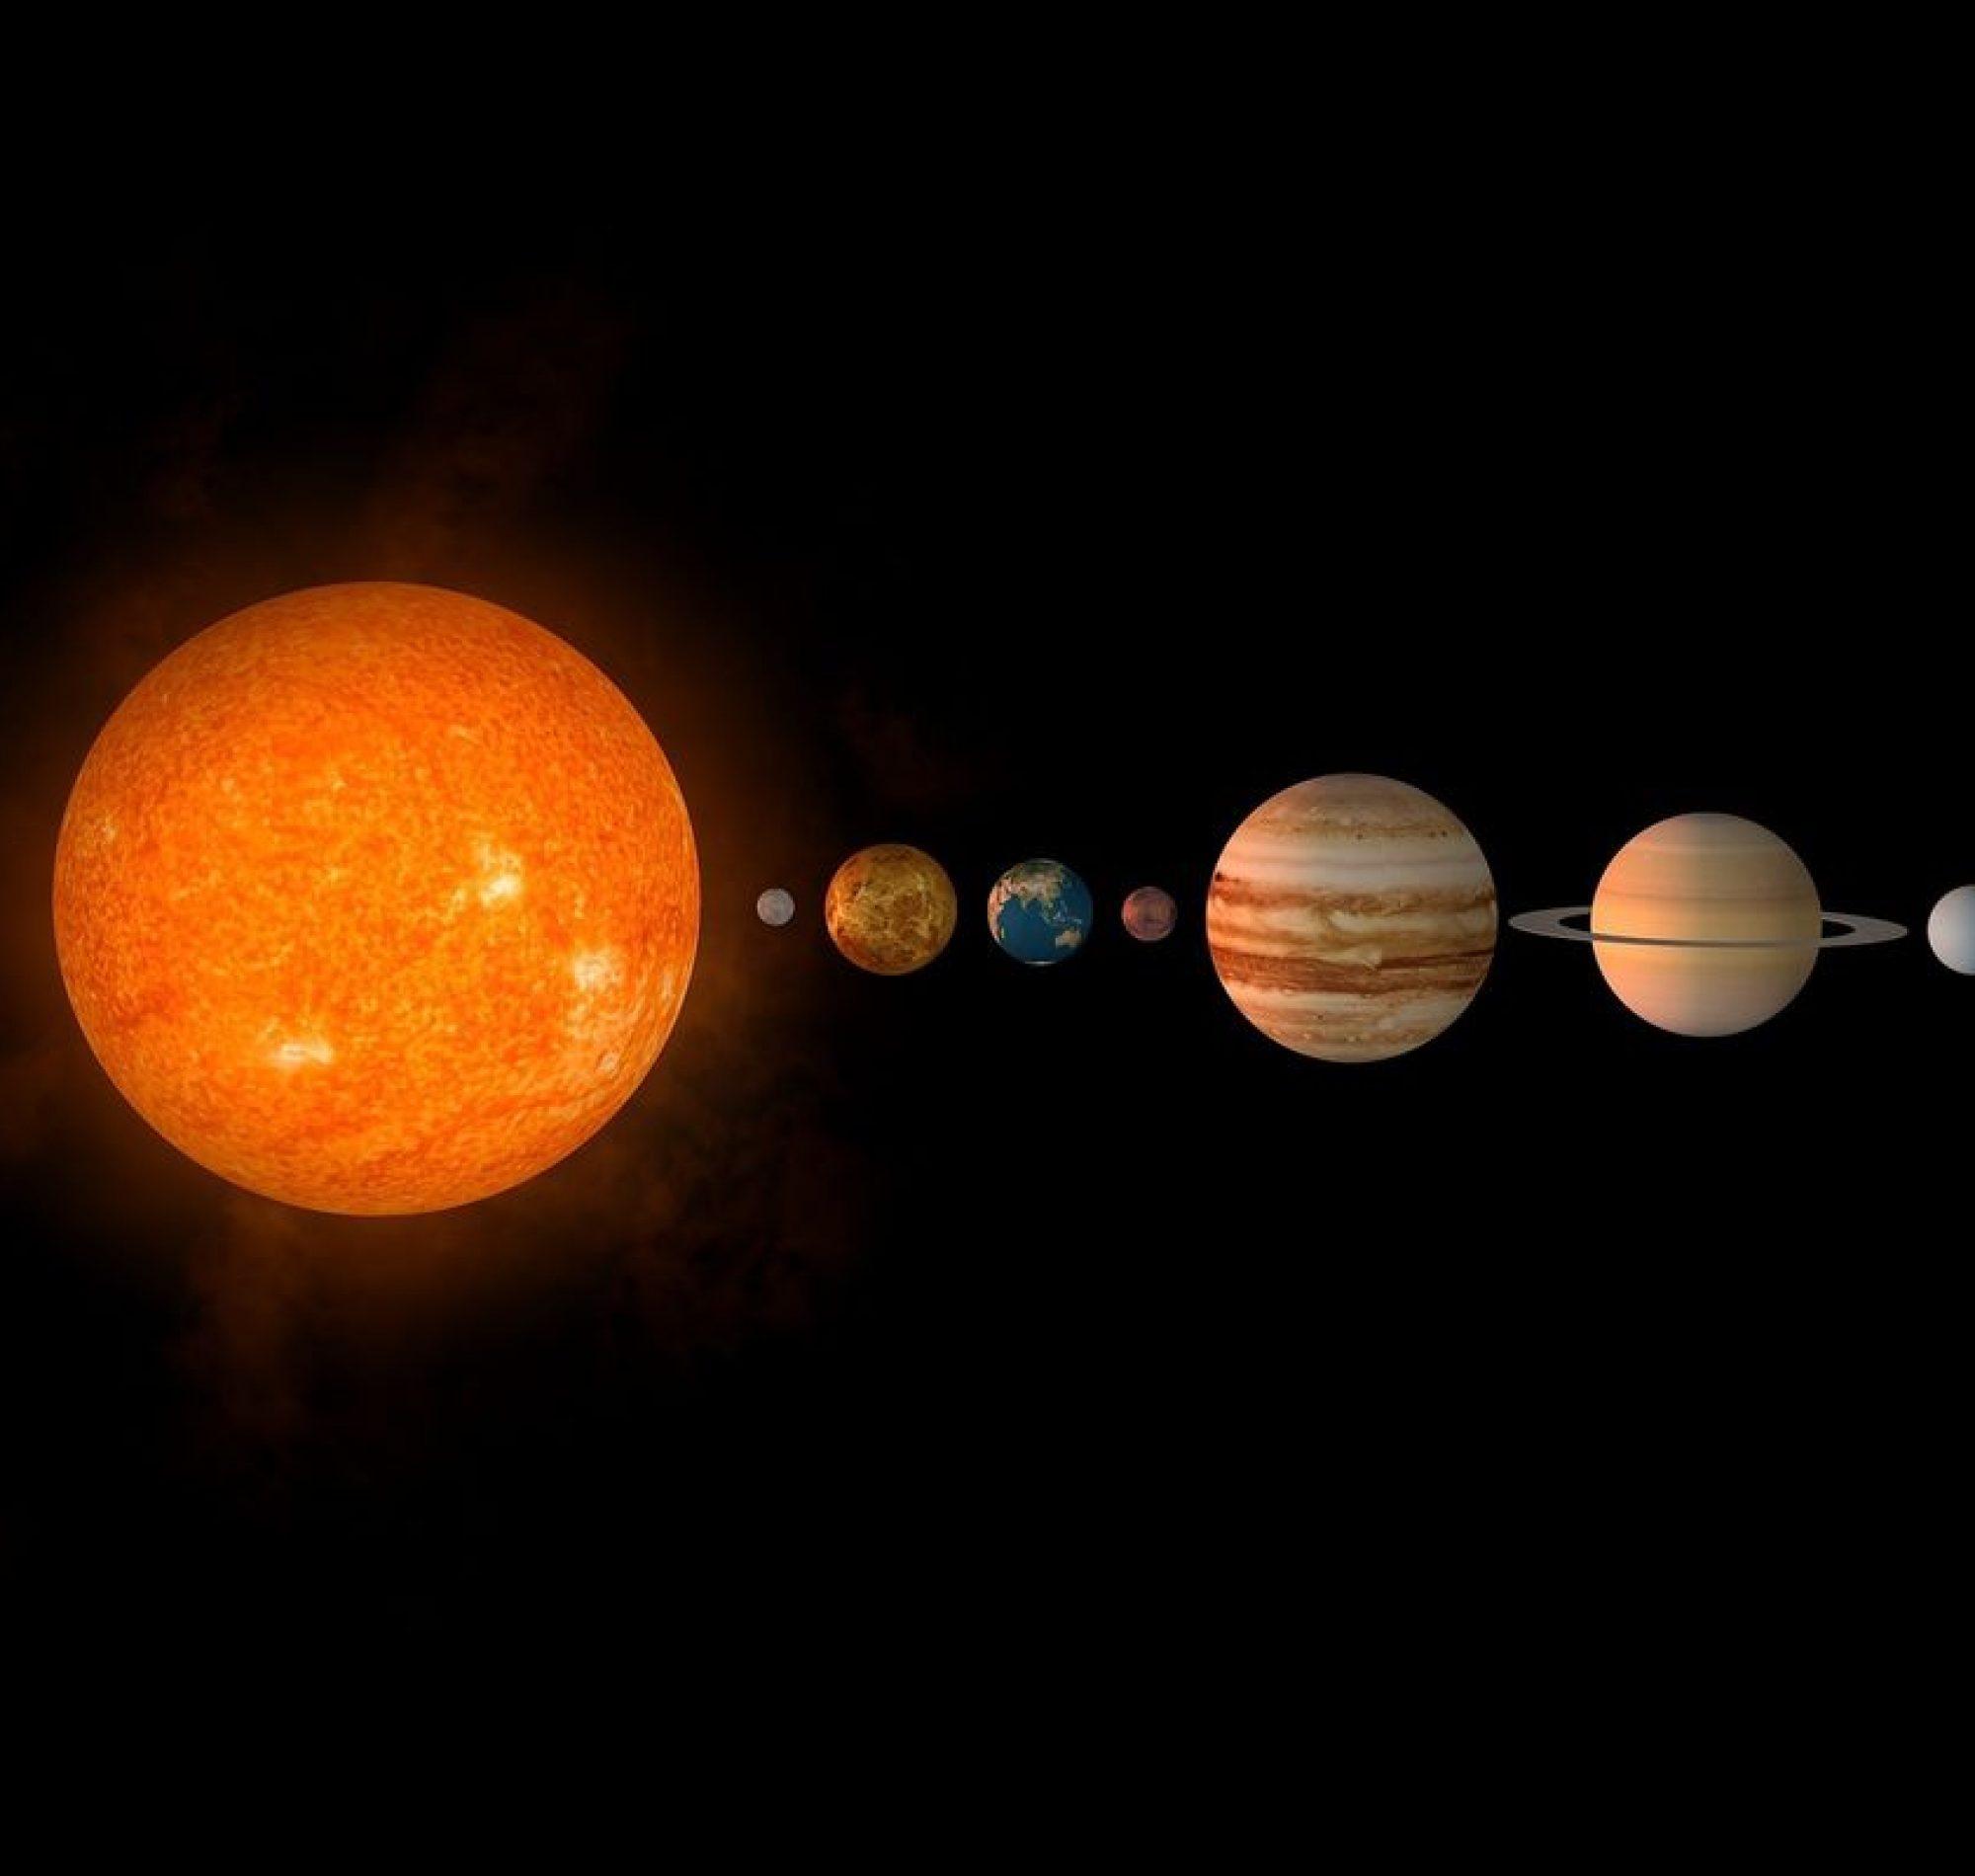 sun-1506019_1920-small